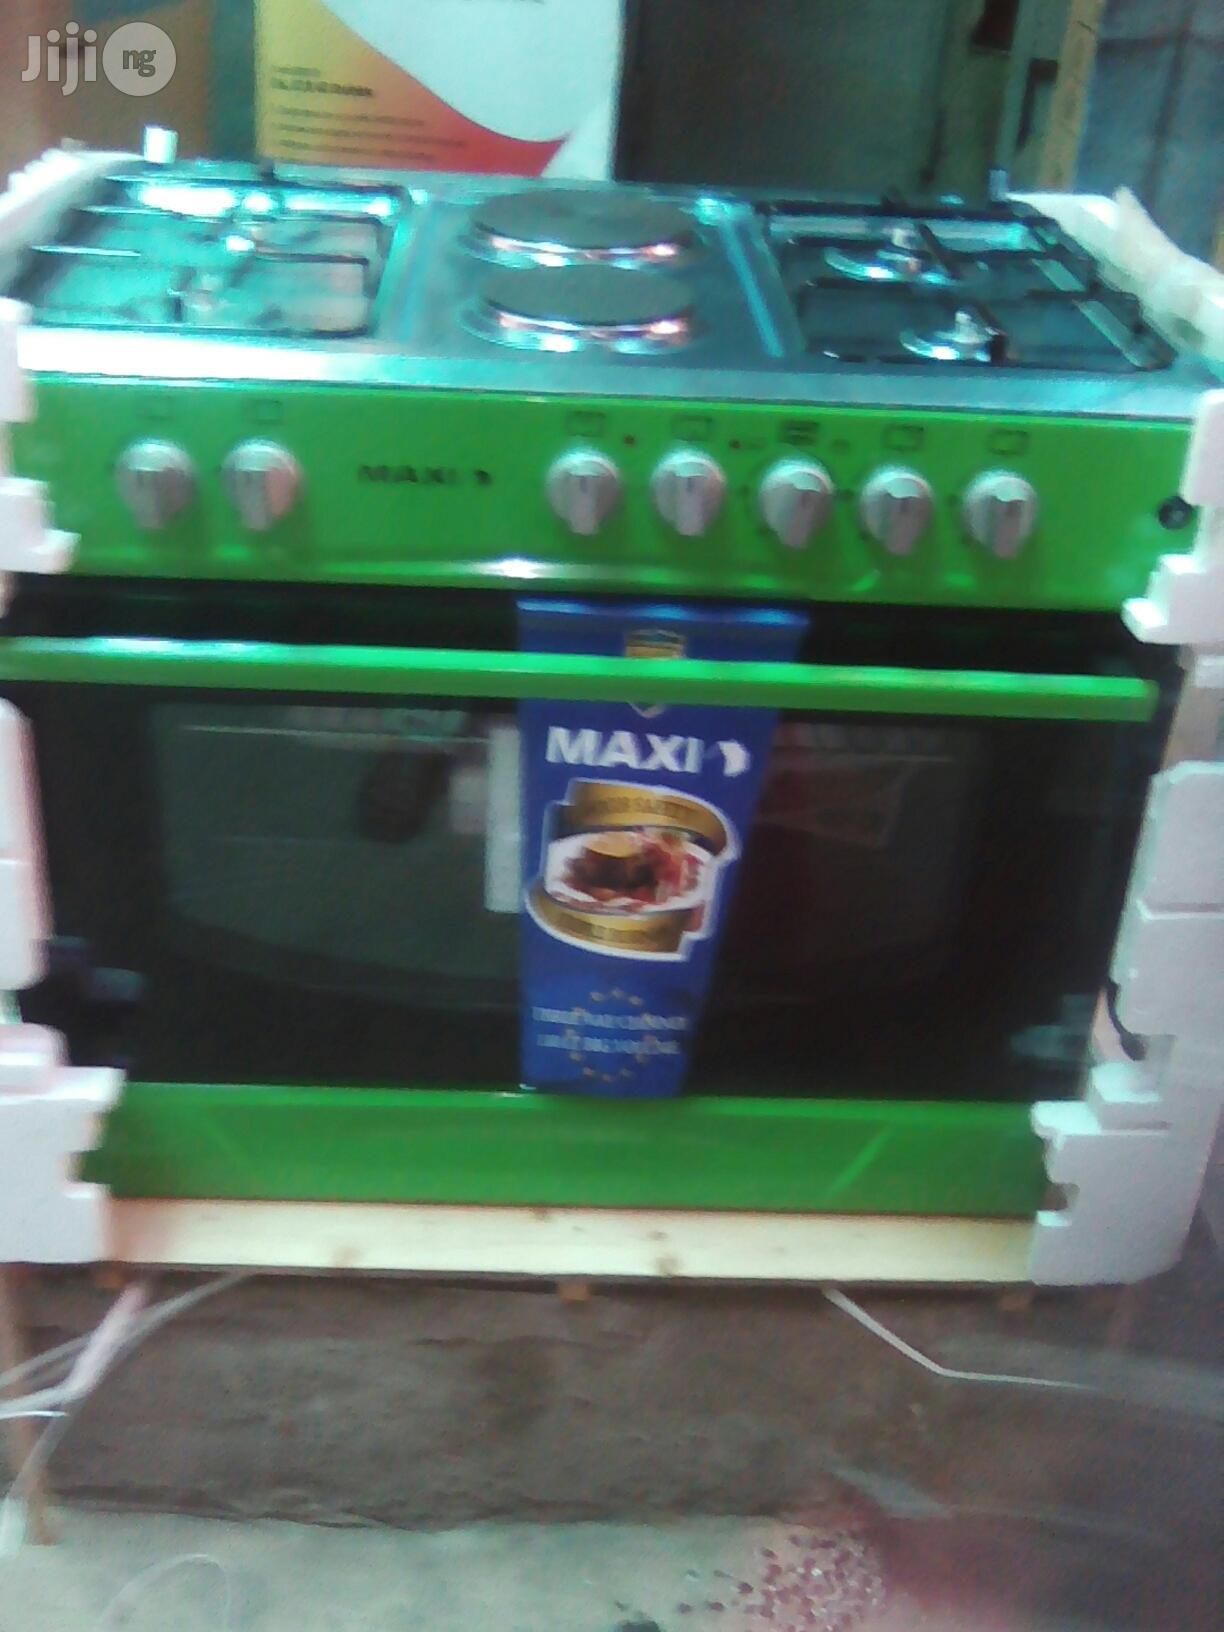 Maxi Gas Coker 6 Burner